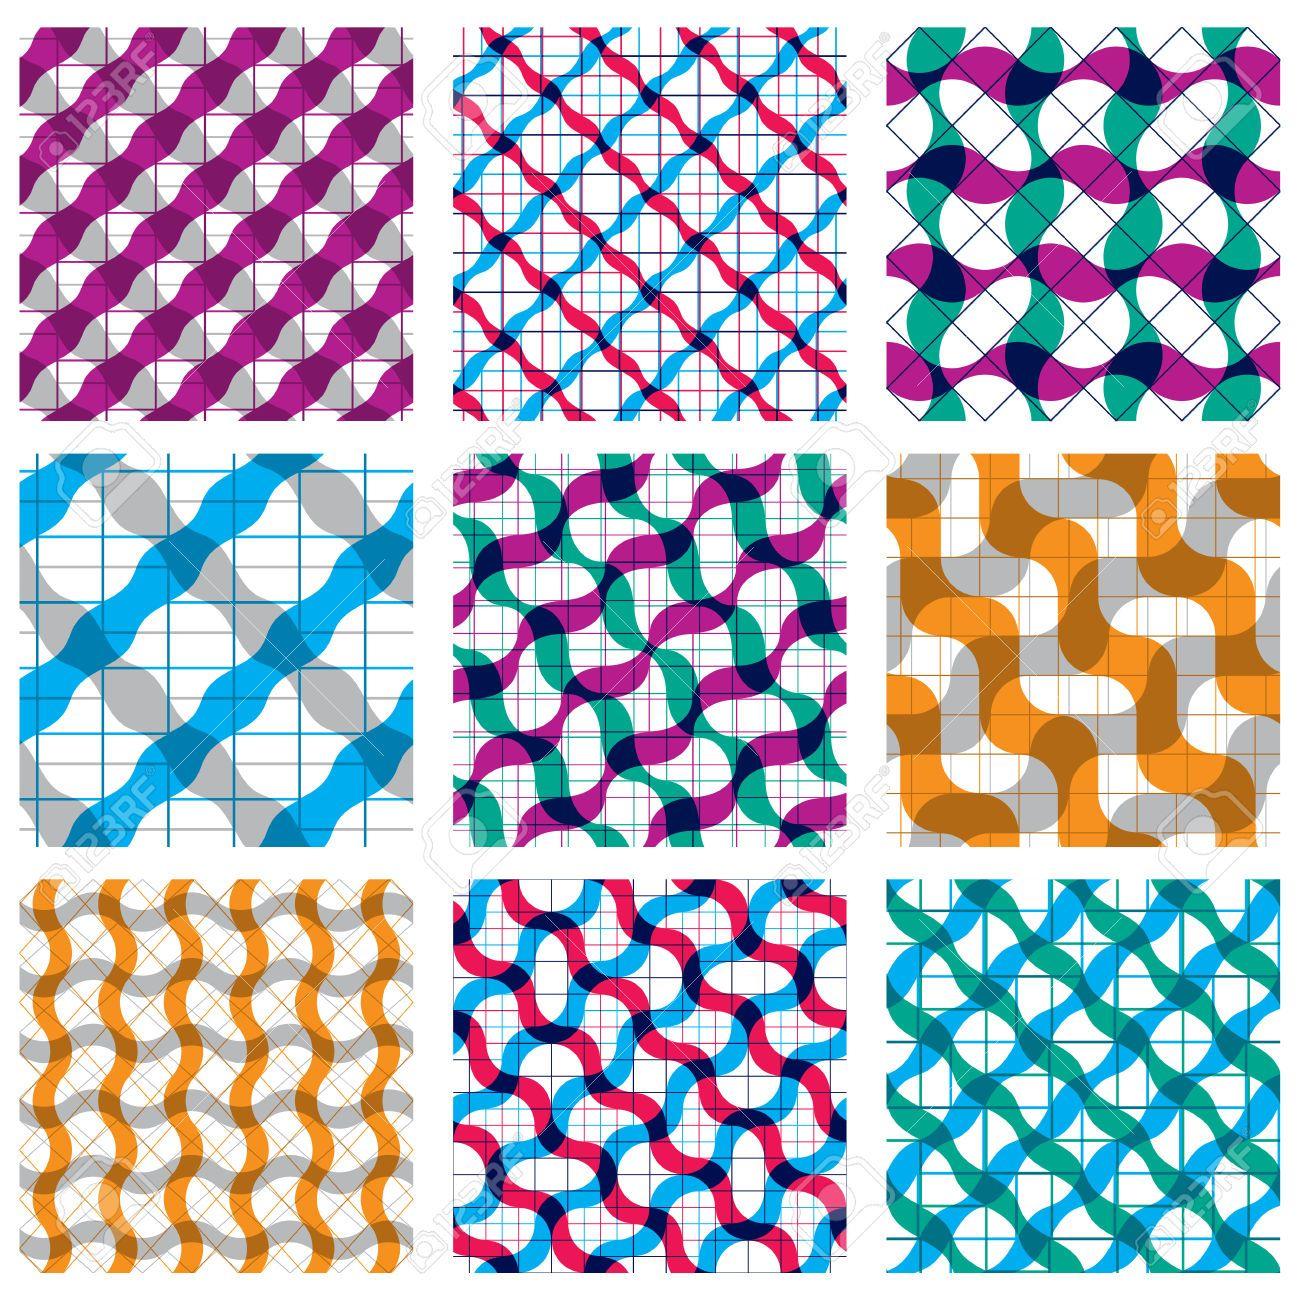 bb78b2da66 texture geometriche colorate - Cerca con Google | Texture ...